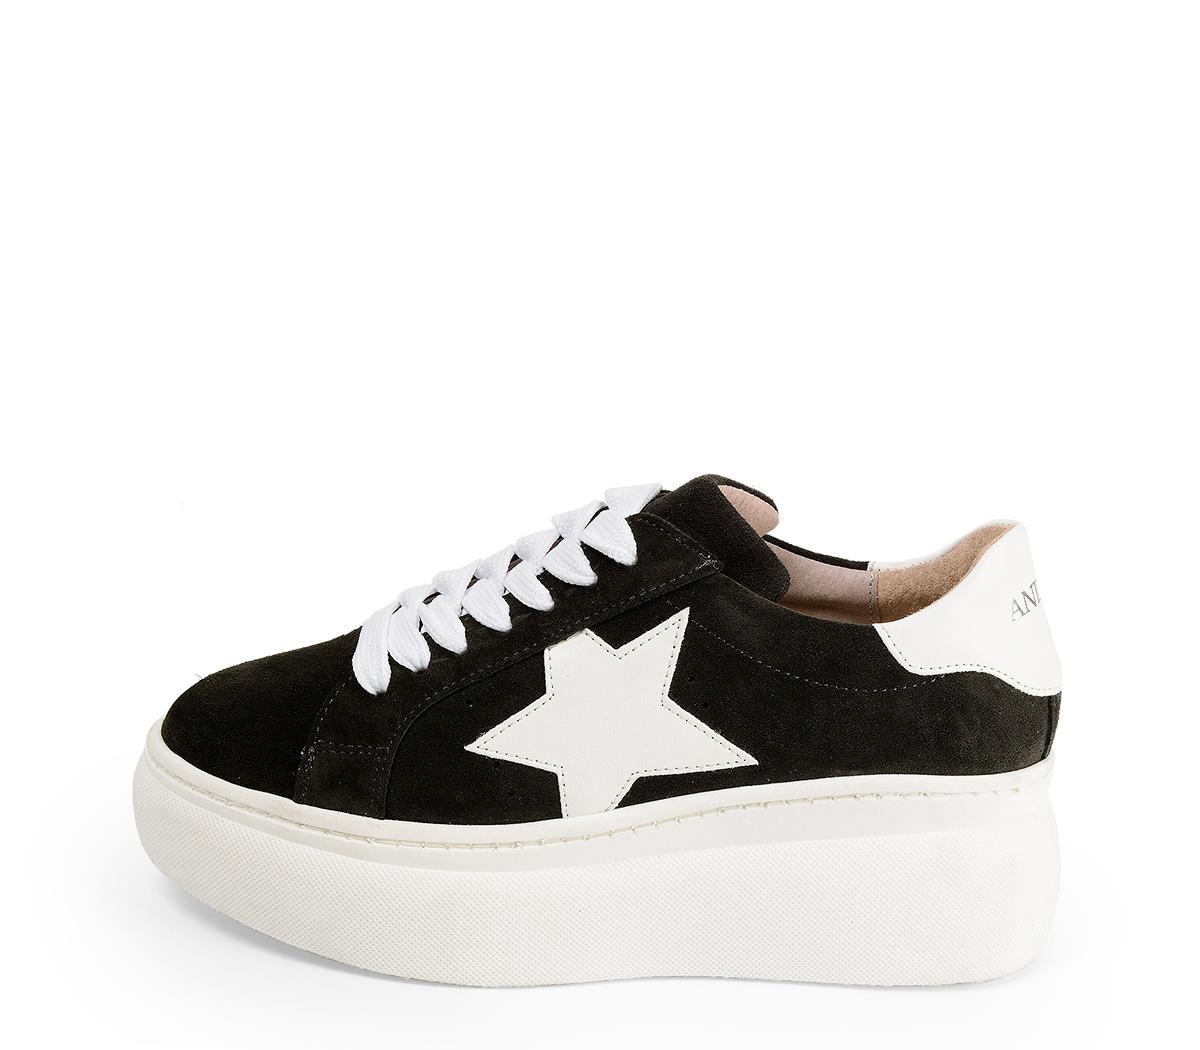 Ref. 4517 Sneaker serraje gris oscuro con detalle lateral de estrella en piel blanca. Plataforma de goma blanca. Altura trasera 6 cm y delantera 4.5 cm.